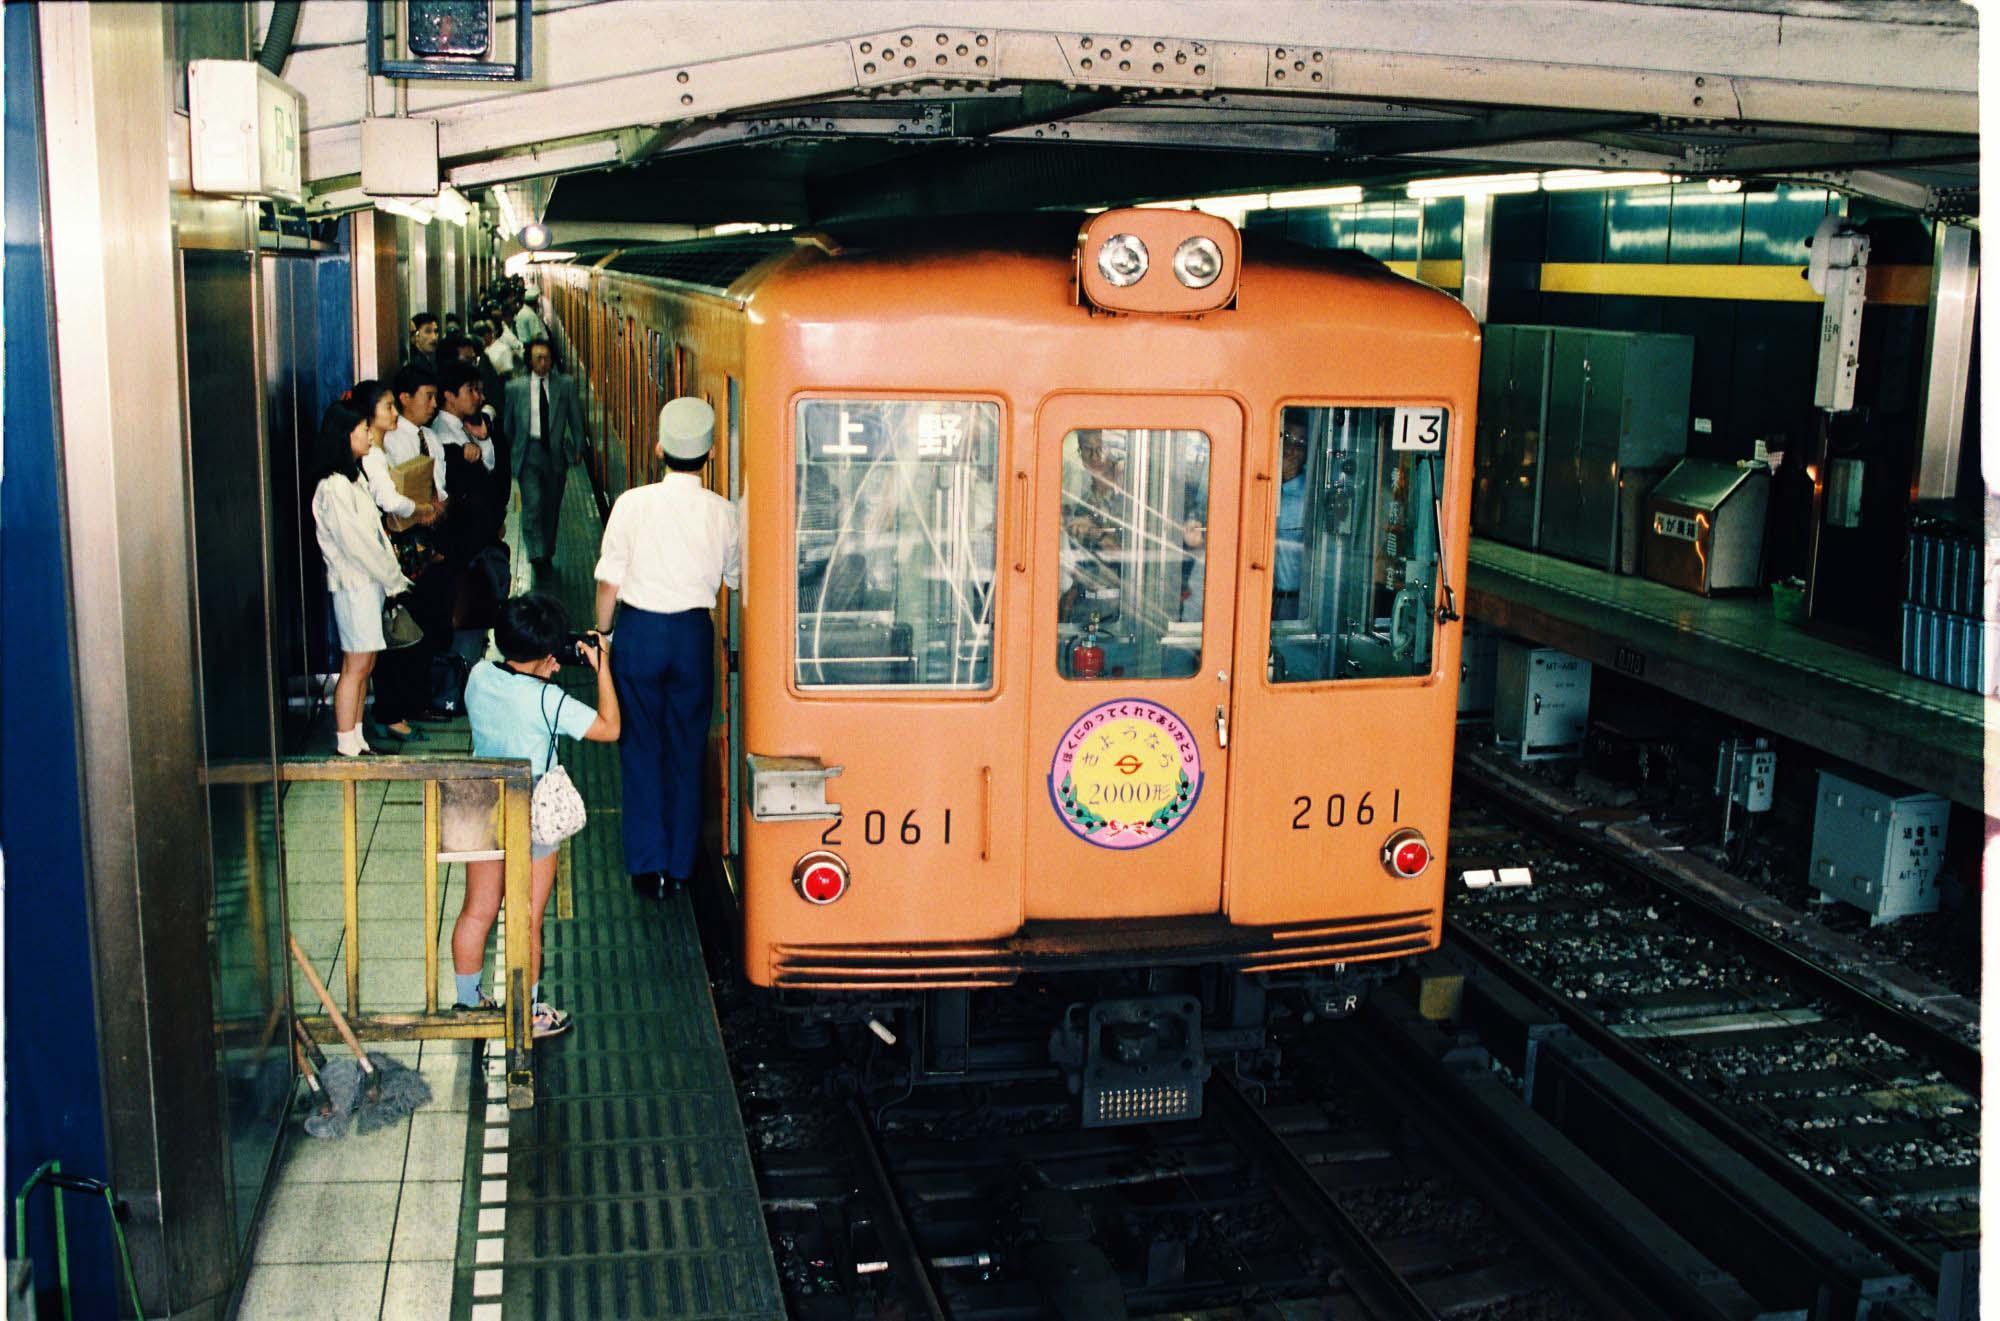 変わる銀座線翌日に運行を終える営団地下鉄銀座線の「オレンジ色車両」。「さよなら」のヘッドマークをつけていた=1993年7月29日、営団渋谷駅、相場郁朗撮影